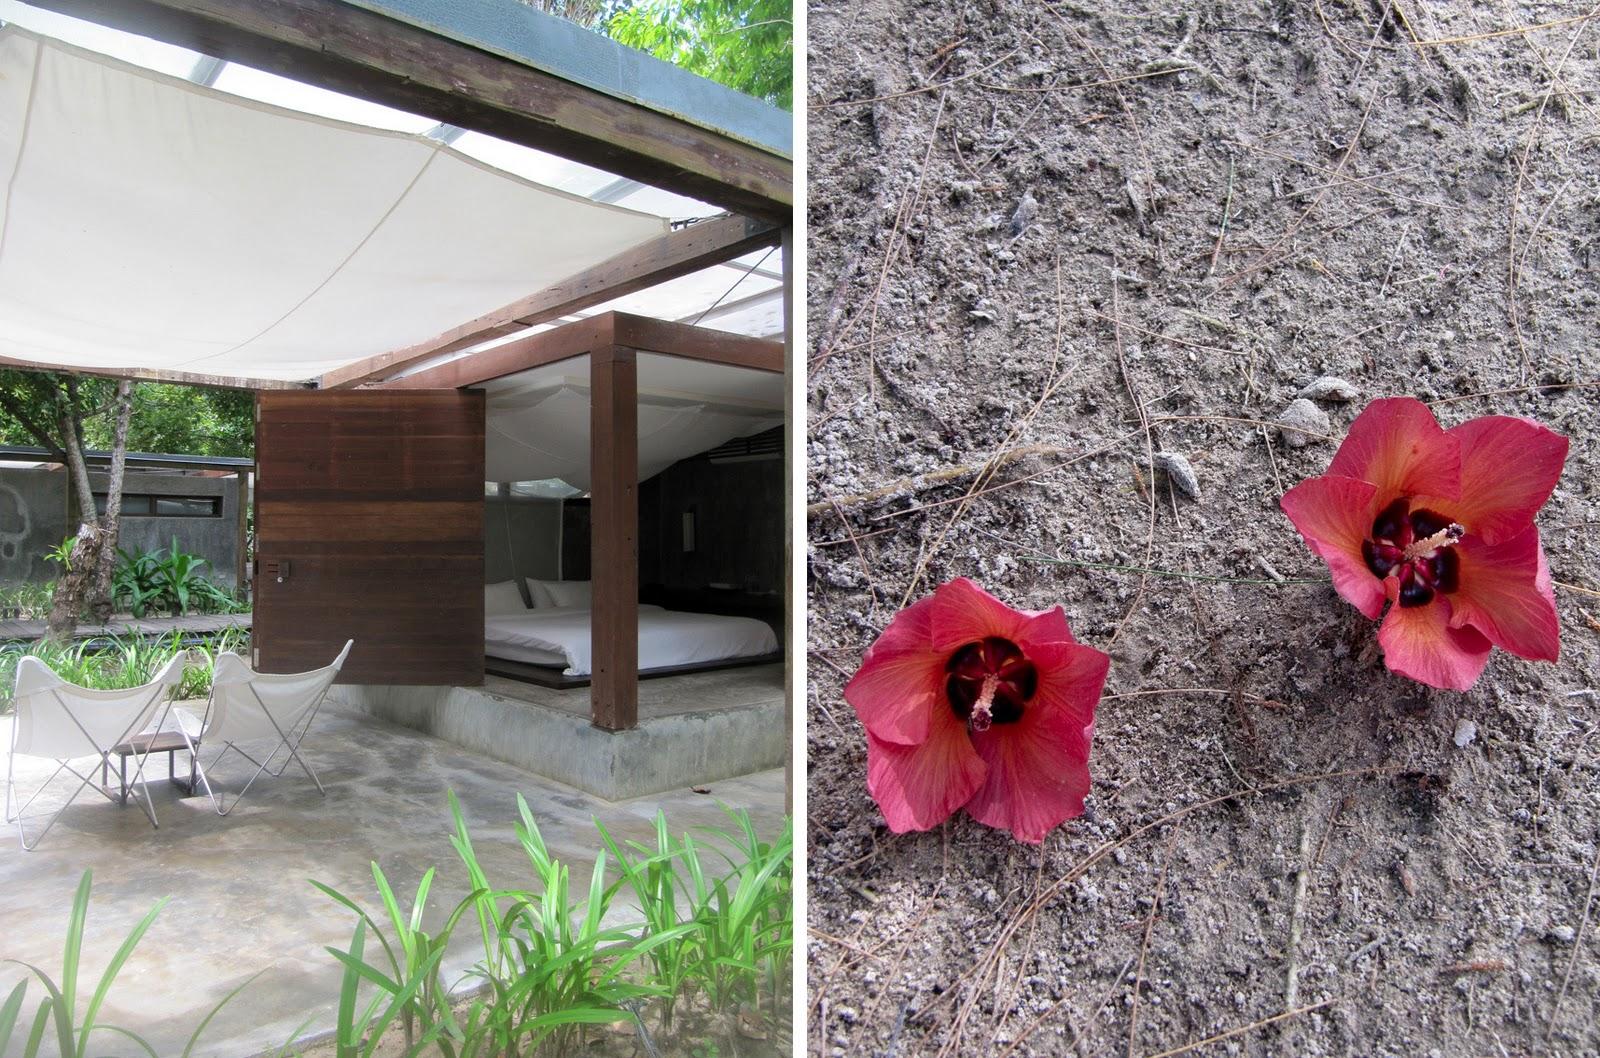 ju s ferien im betonw rfel. Black Bedroom Furniture Sets. Home Design Ideas